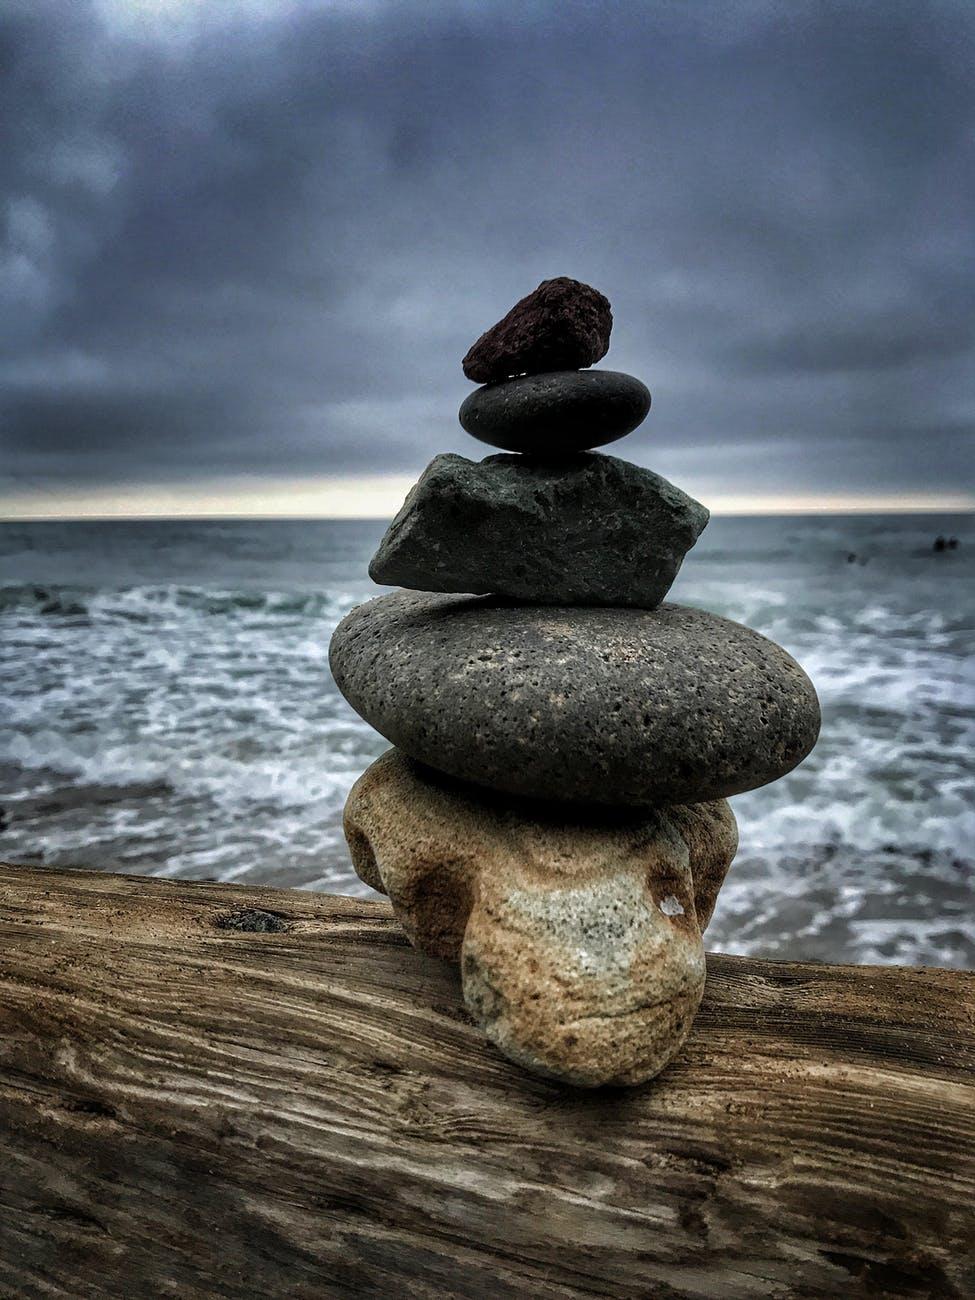 balance beach boulder close up